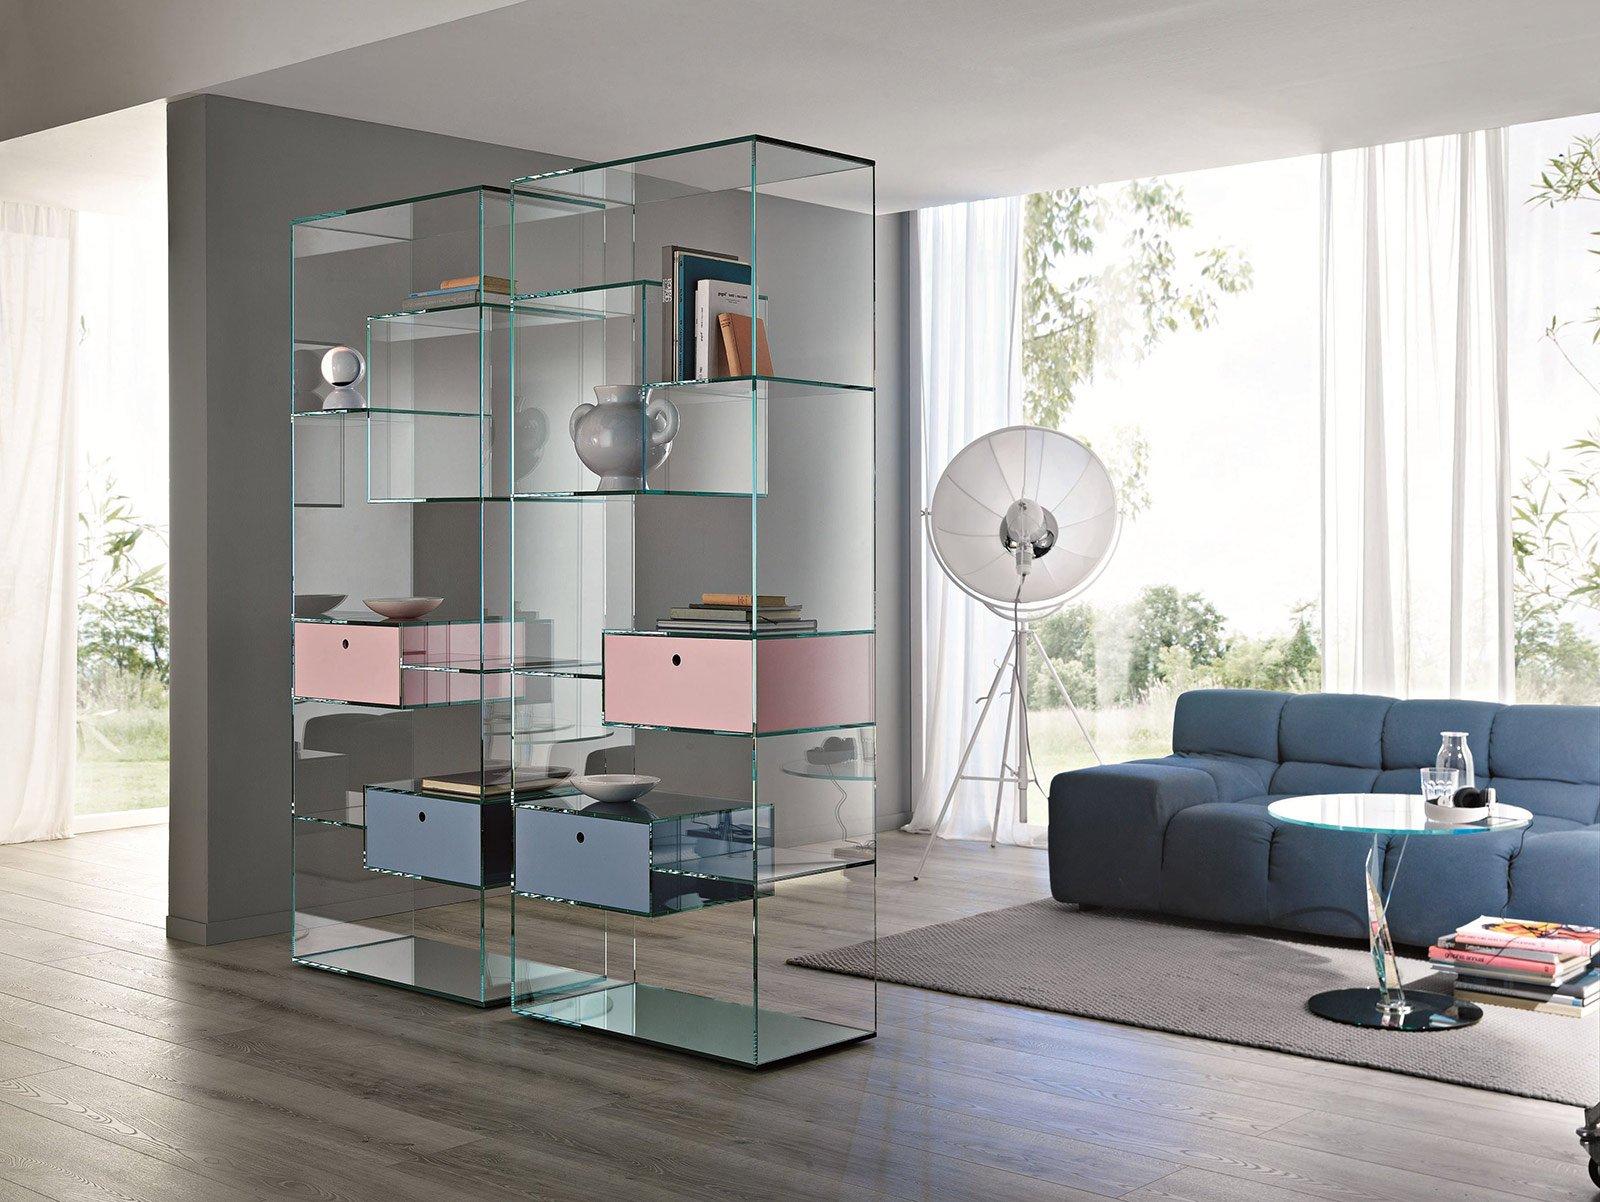 Librerie bifacciali per separare ambienti cose di casa for Libreria acciaio e vetro